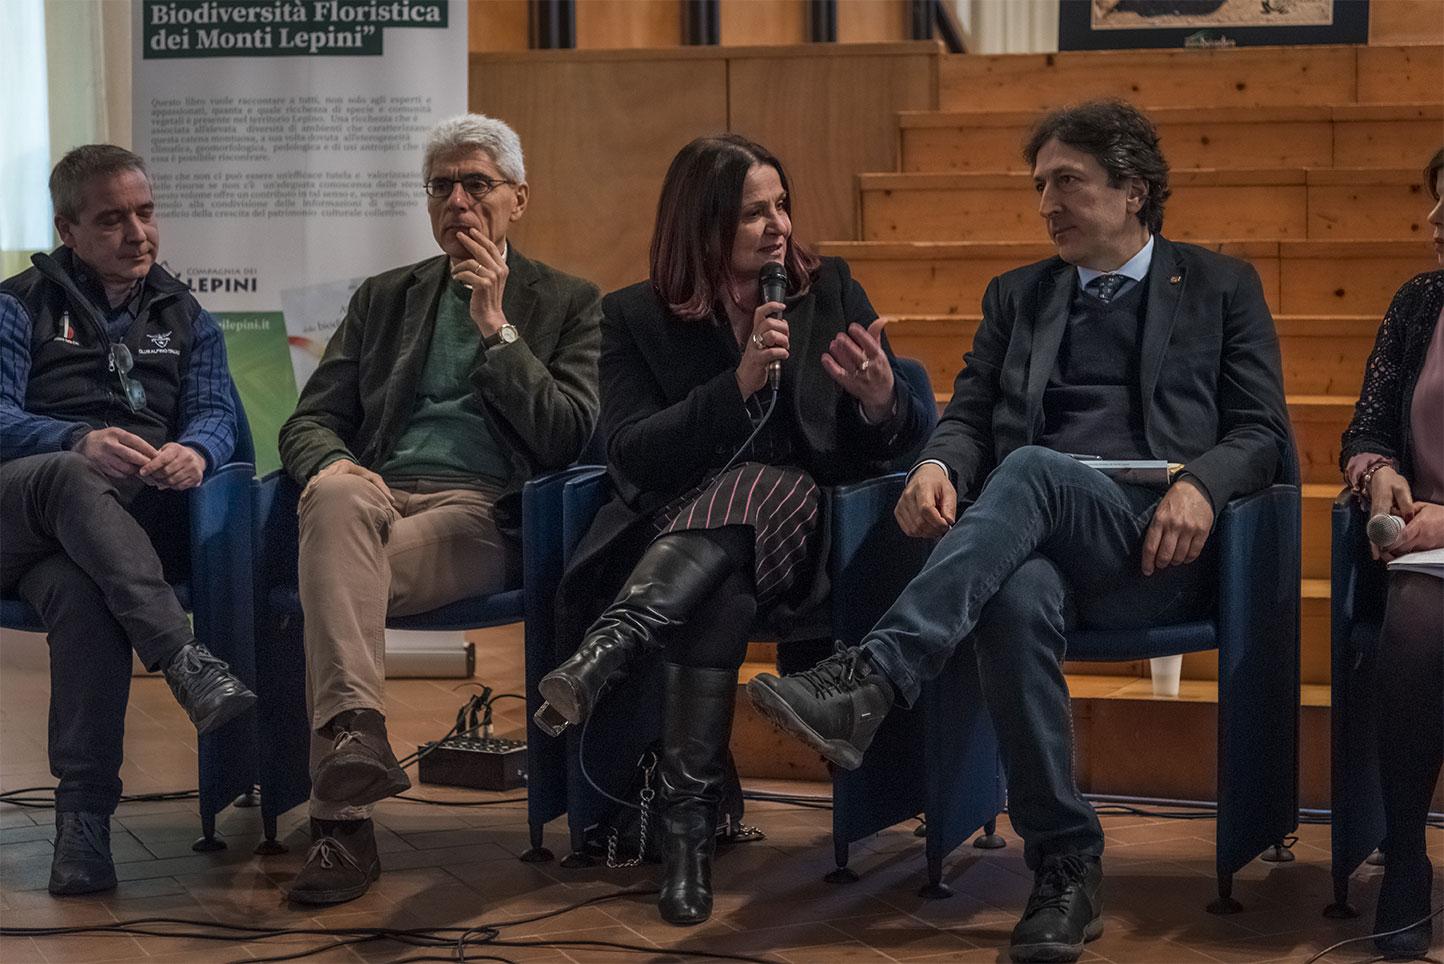 compagnia-dei-lepini-convegno-biodiversita-25-01-2020-78